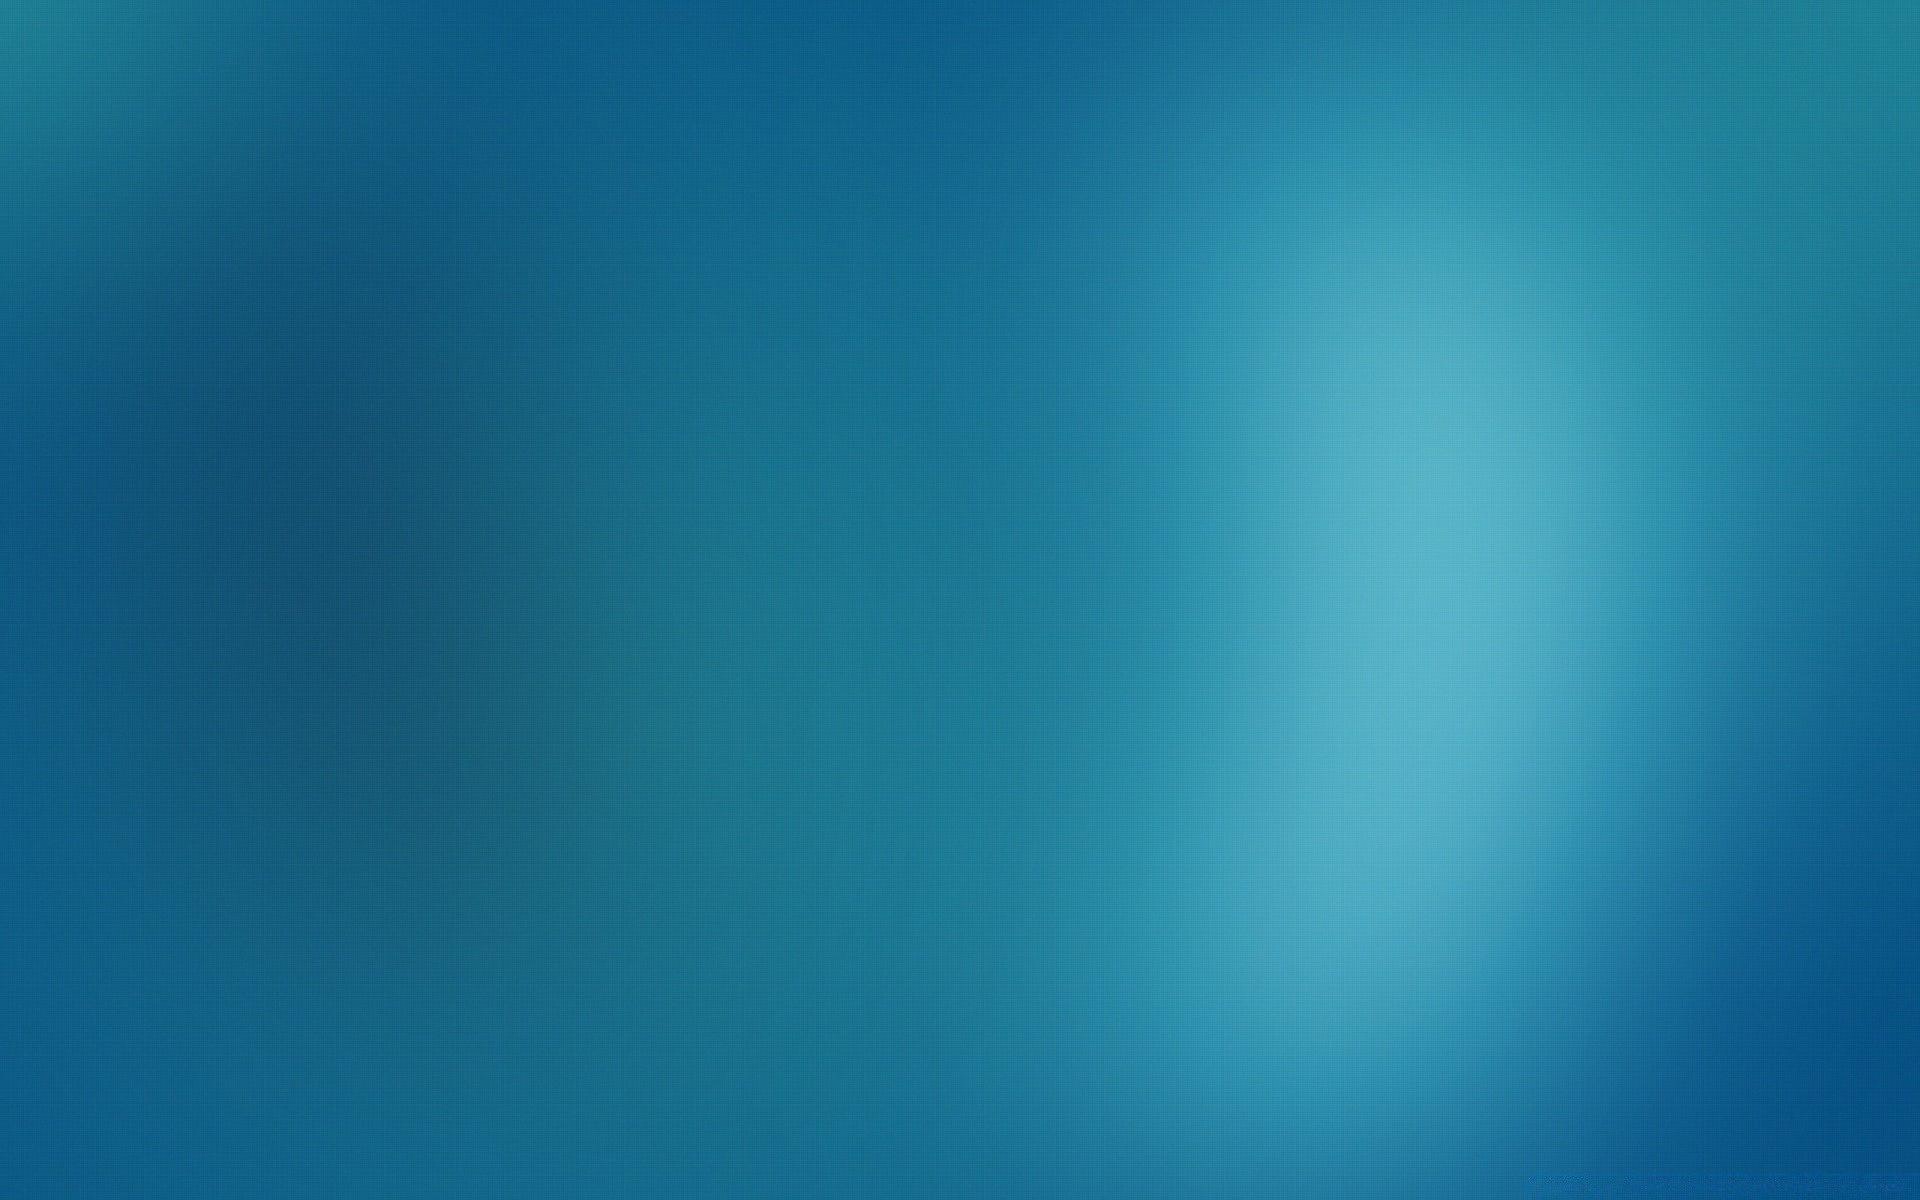 Голубой фон для рабочего стола   обои (23)